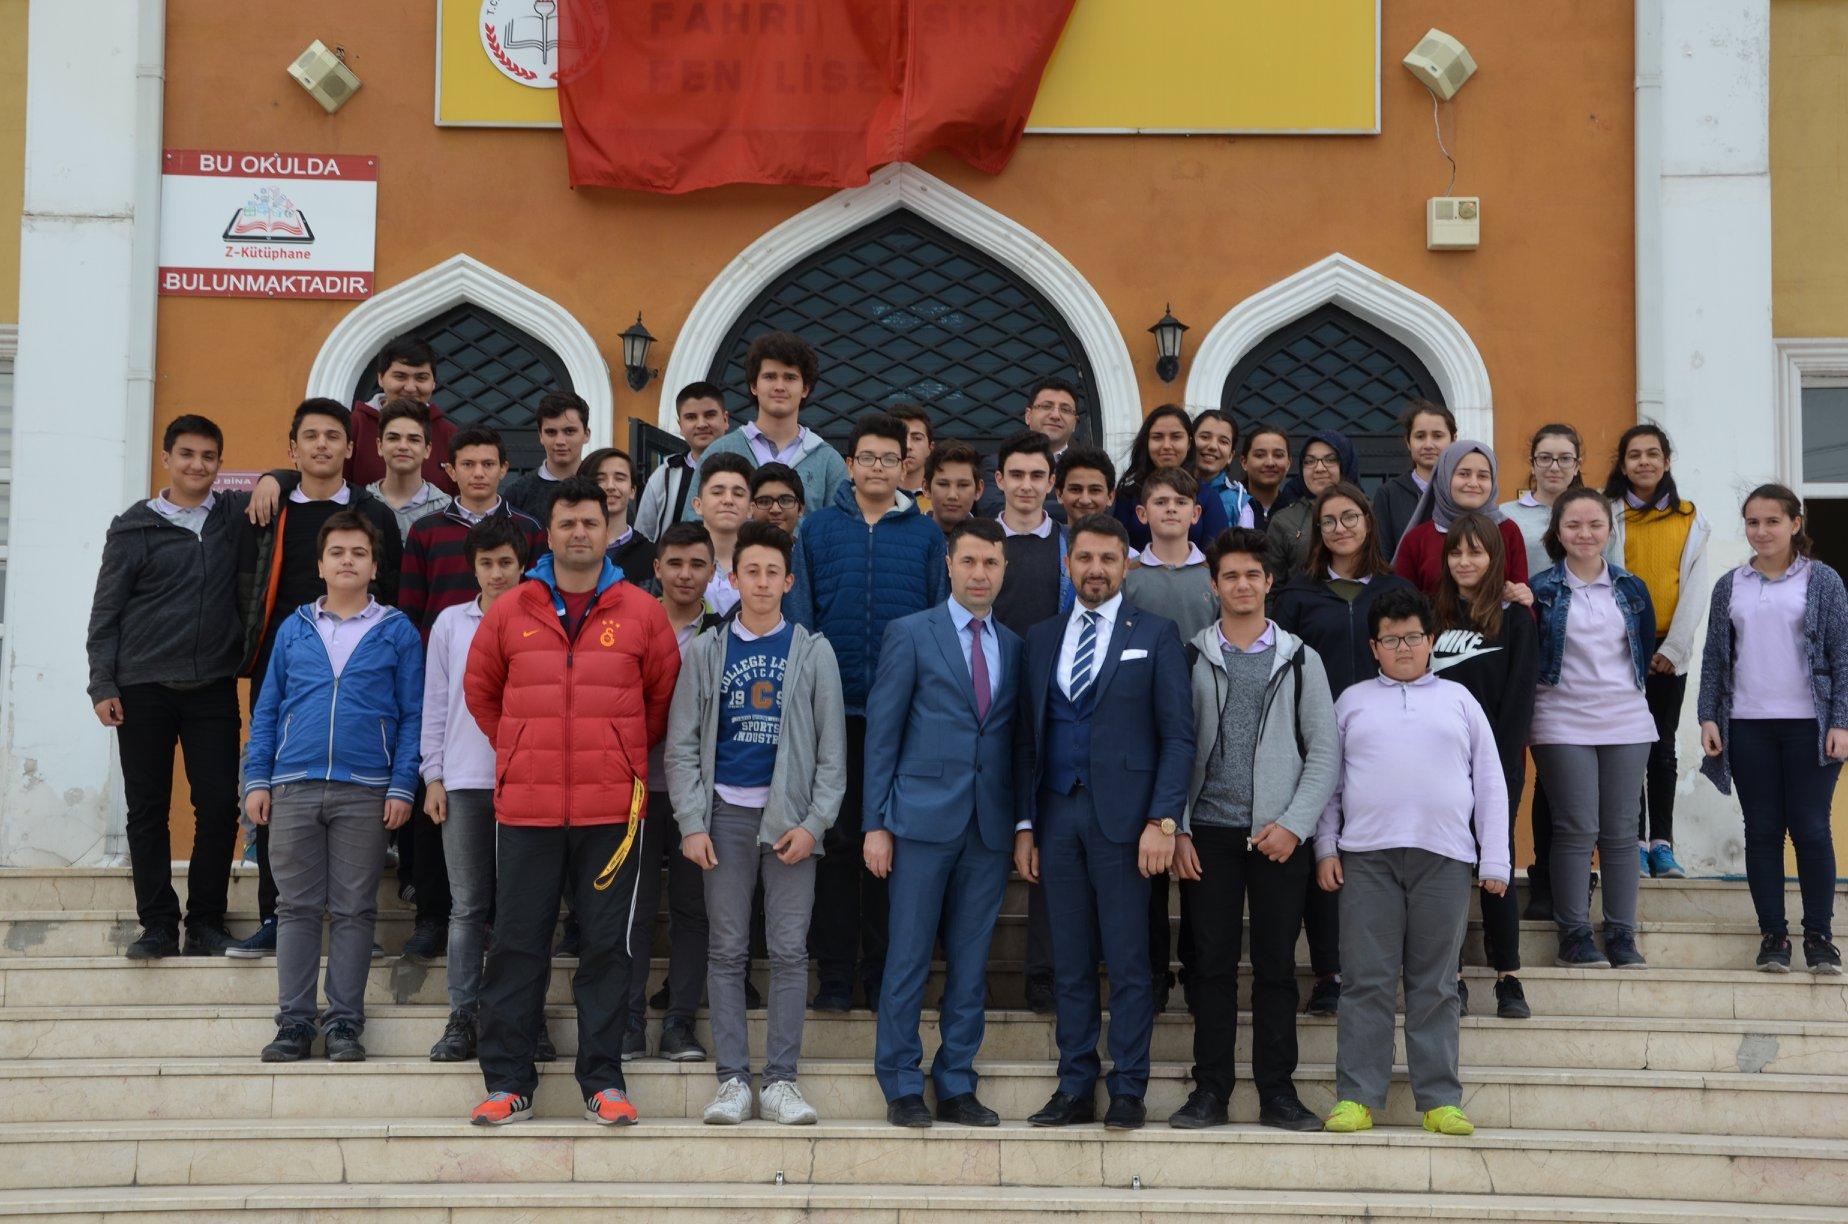 Sivrihisar Belediye Başkanımız Hamid Yüzügüllü 18 Mart Çanakkale Zaferi ve Şehitleri Anma Günü 103.Yılı Münasebetiyle İlçemiz Okullarından Fahri Keskin Fen Lisesi Tarafından Düzenlenen Programa Katıldı.